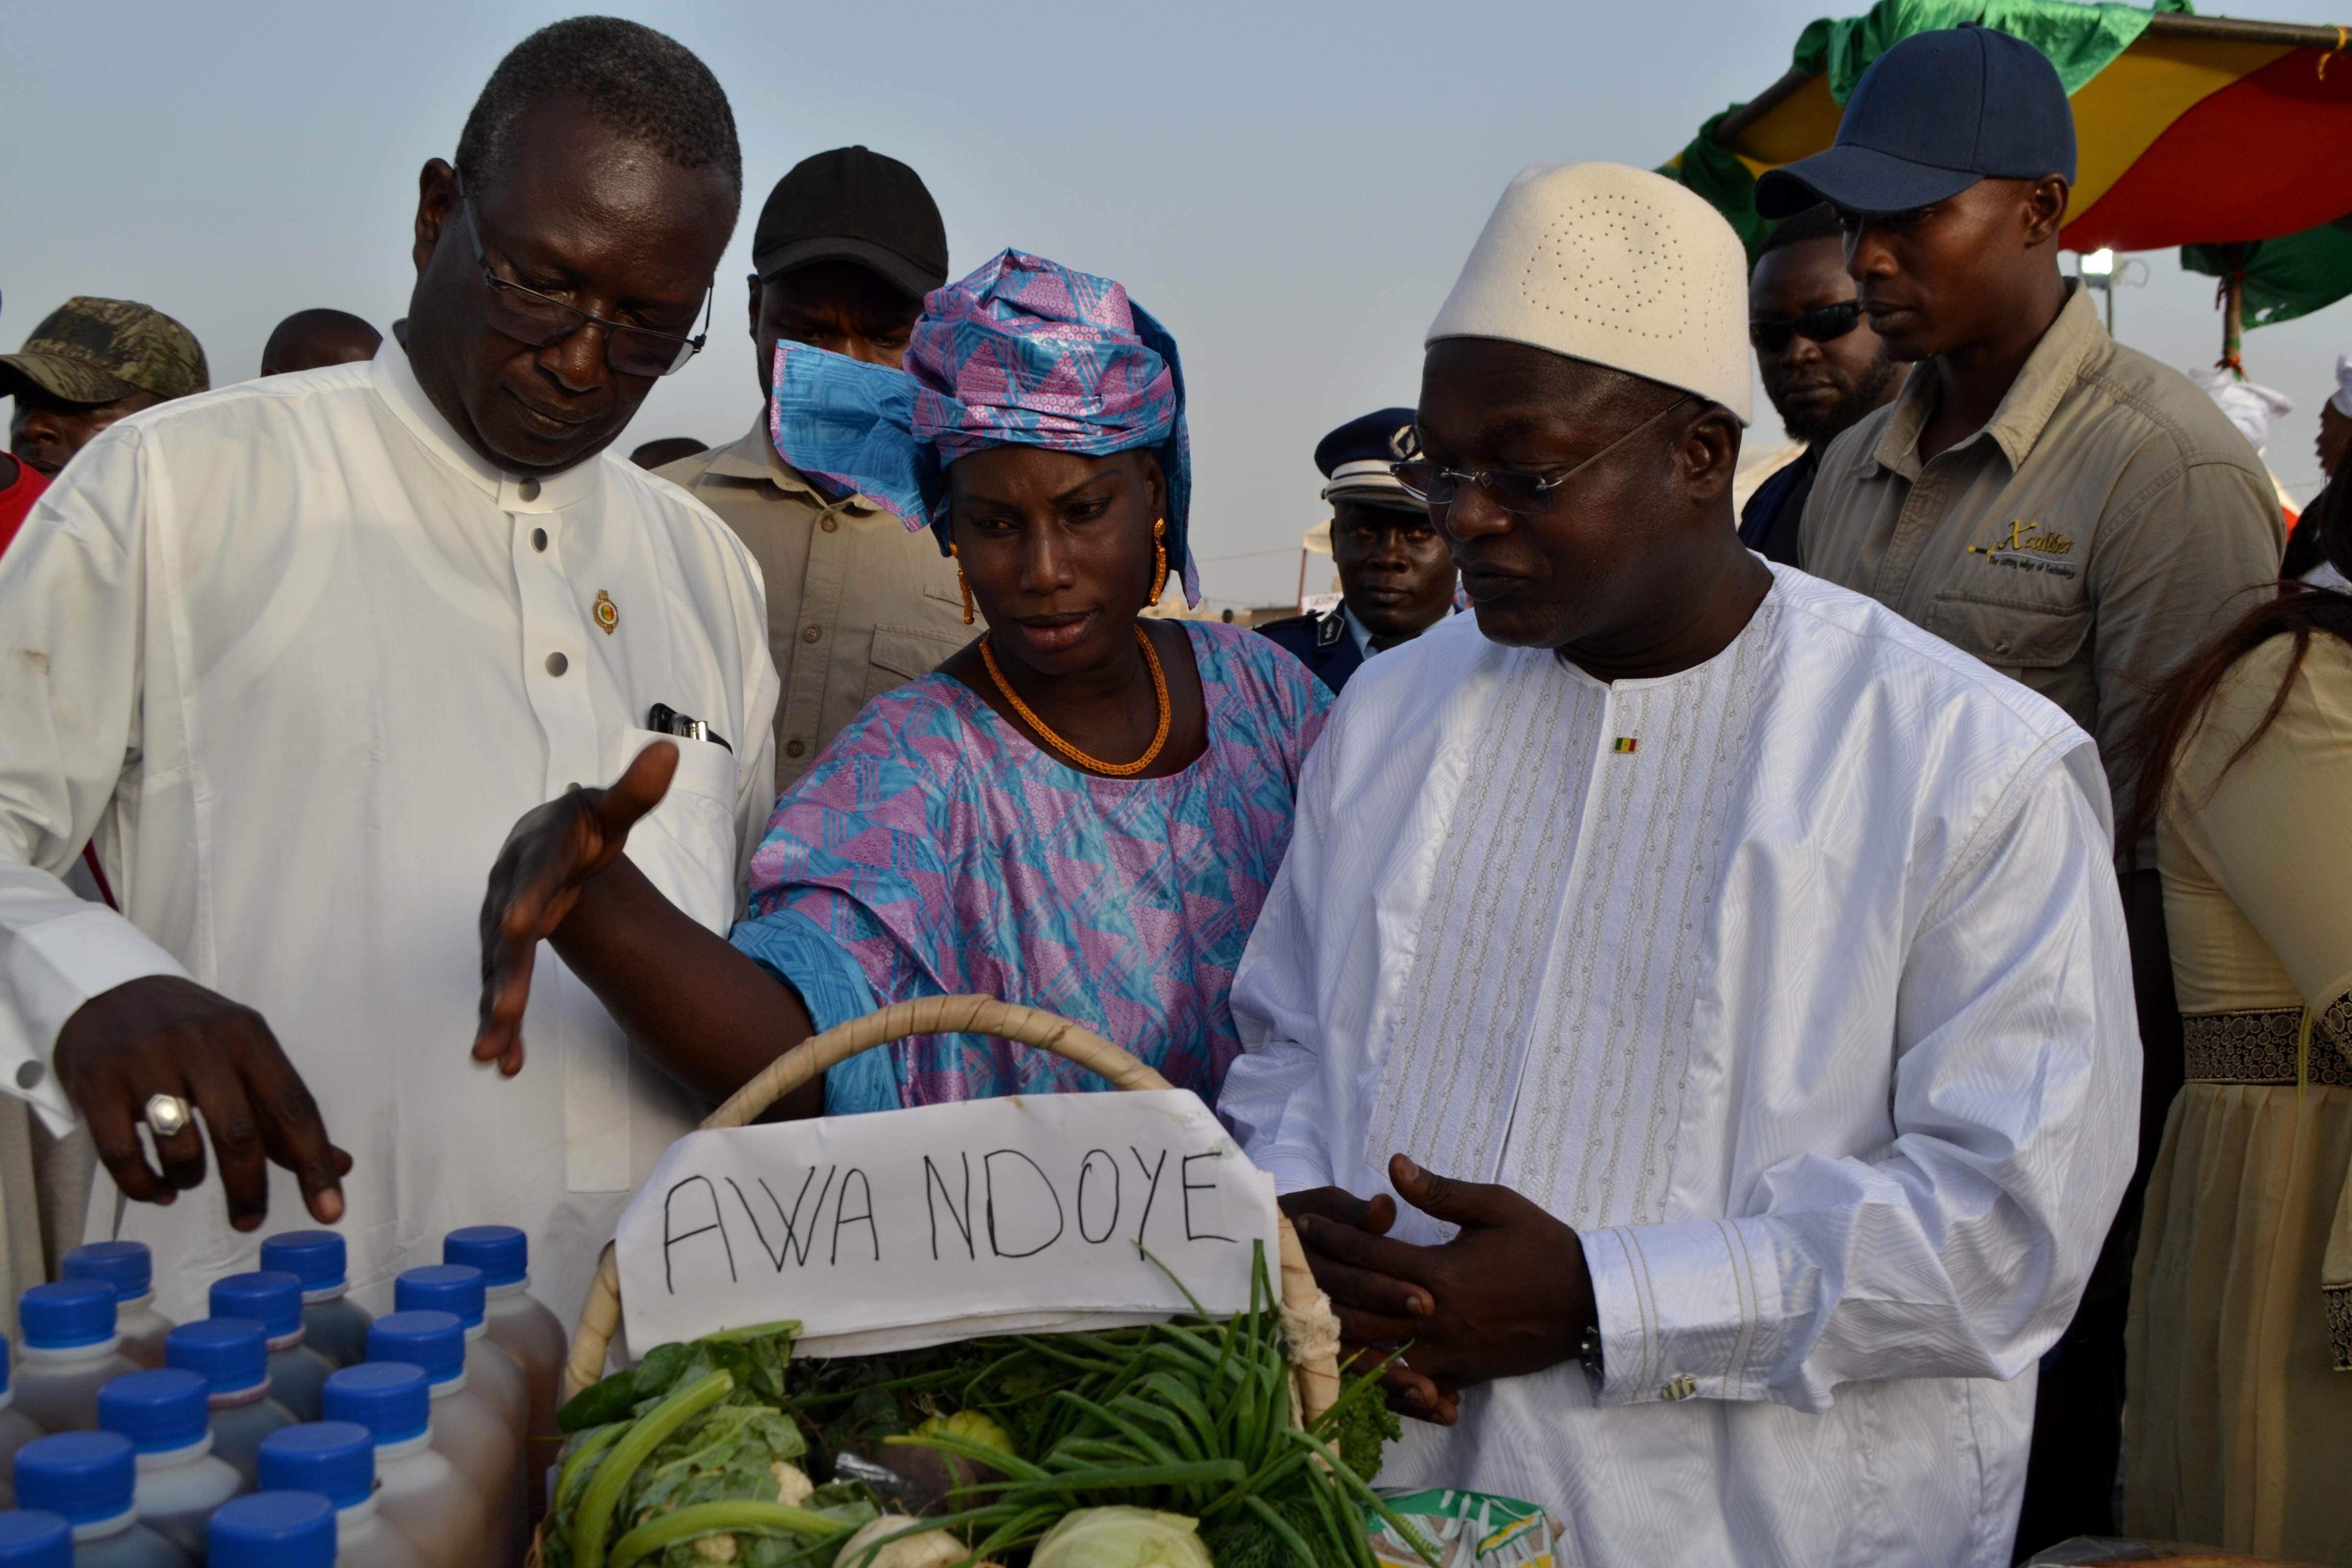 Célébration de la journée internationale de la femme: le Ministre Oumar Guèye accompagne les femmes de Kounoune Ngarap